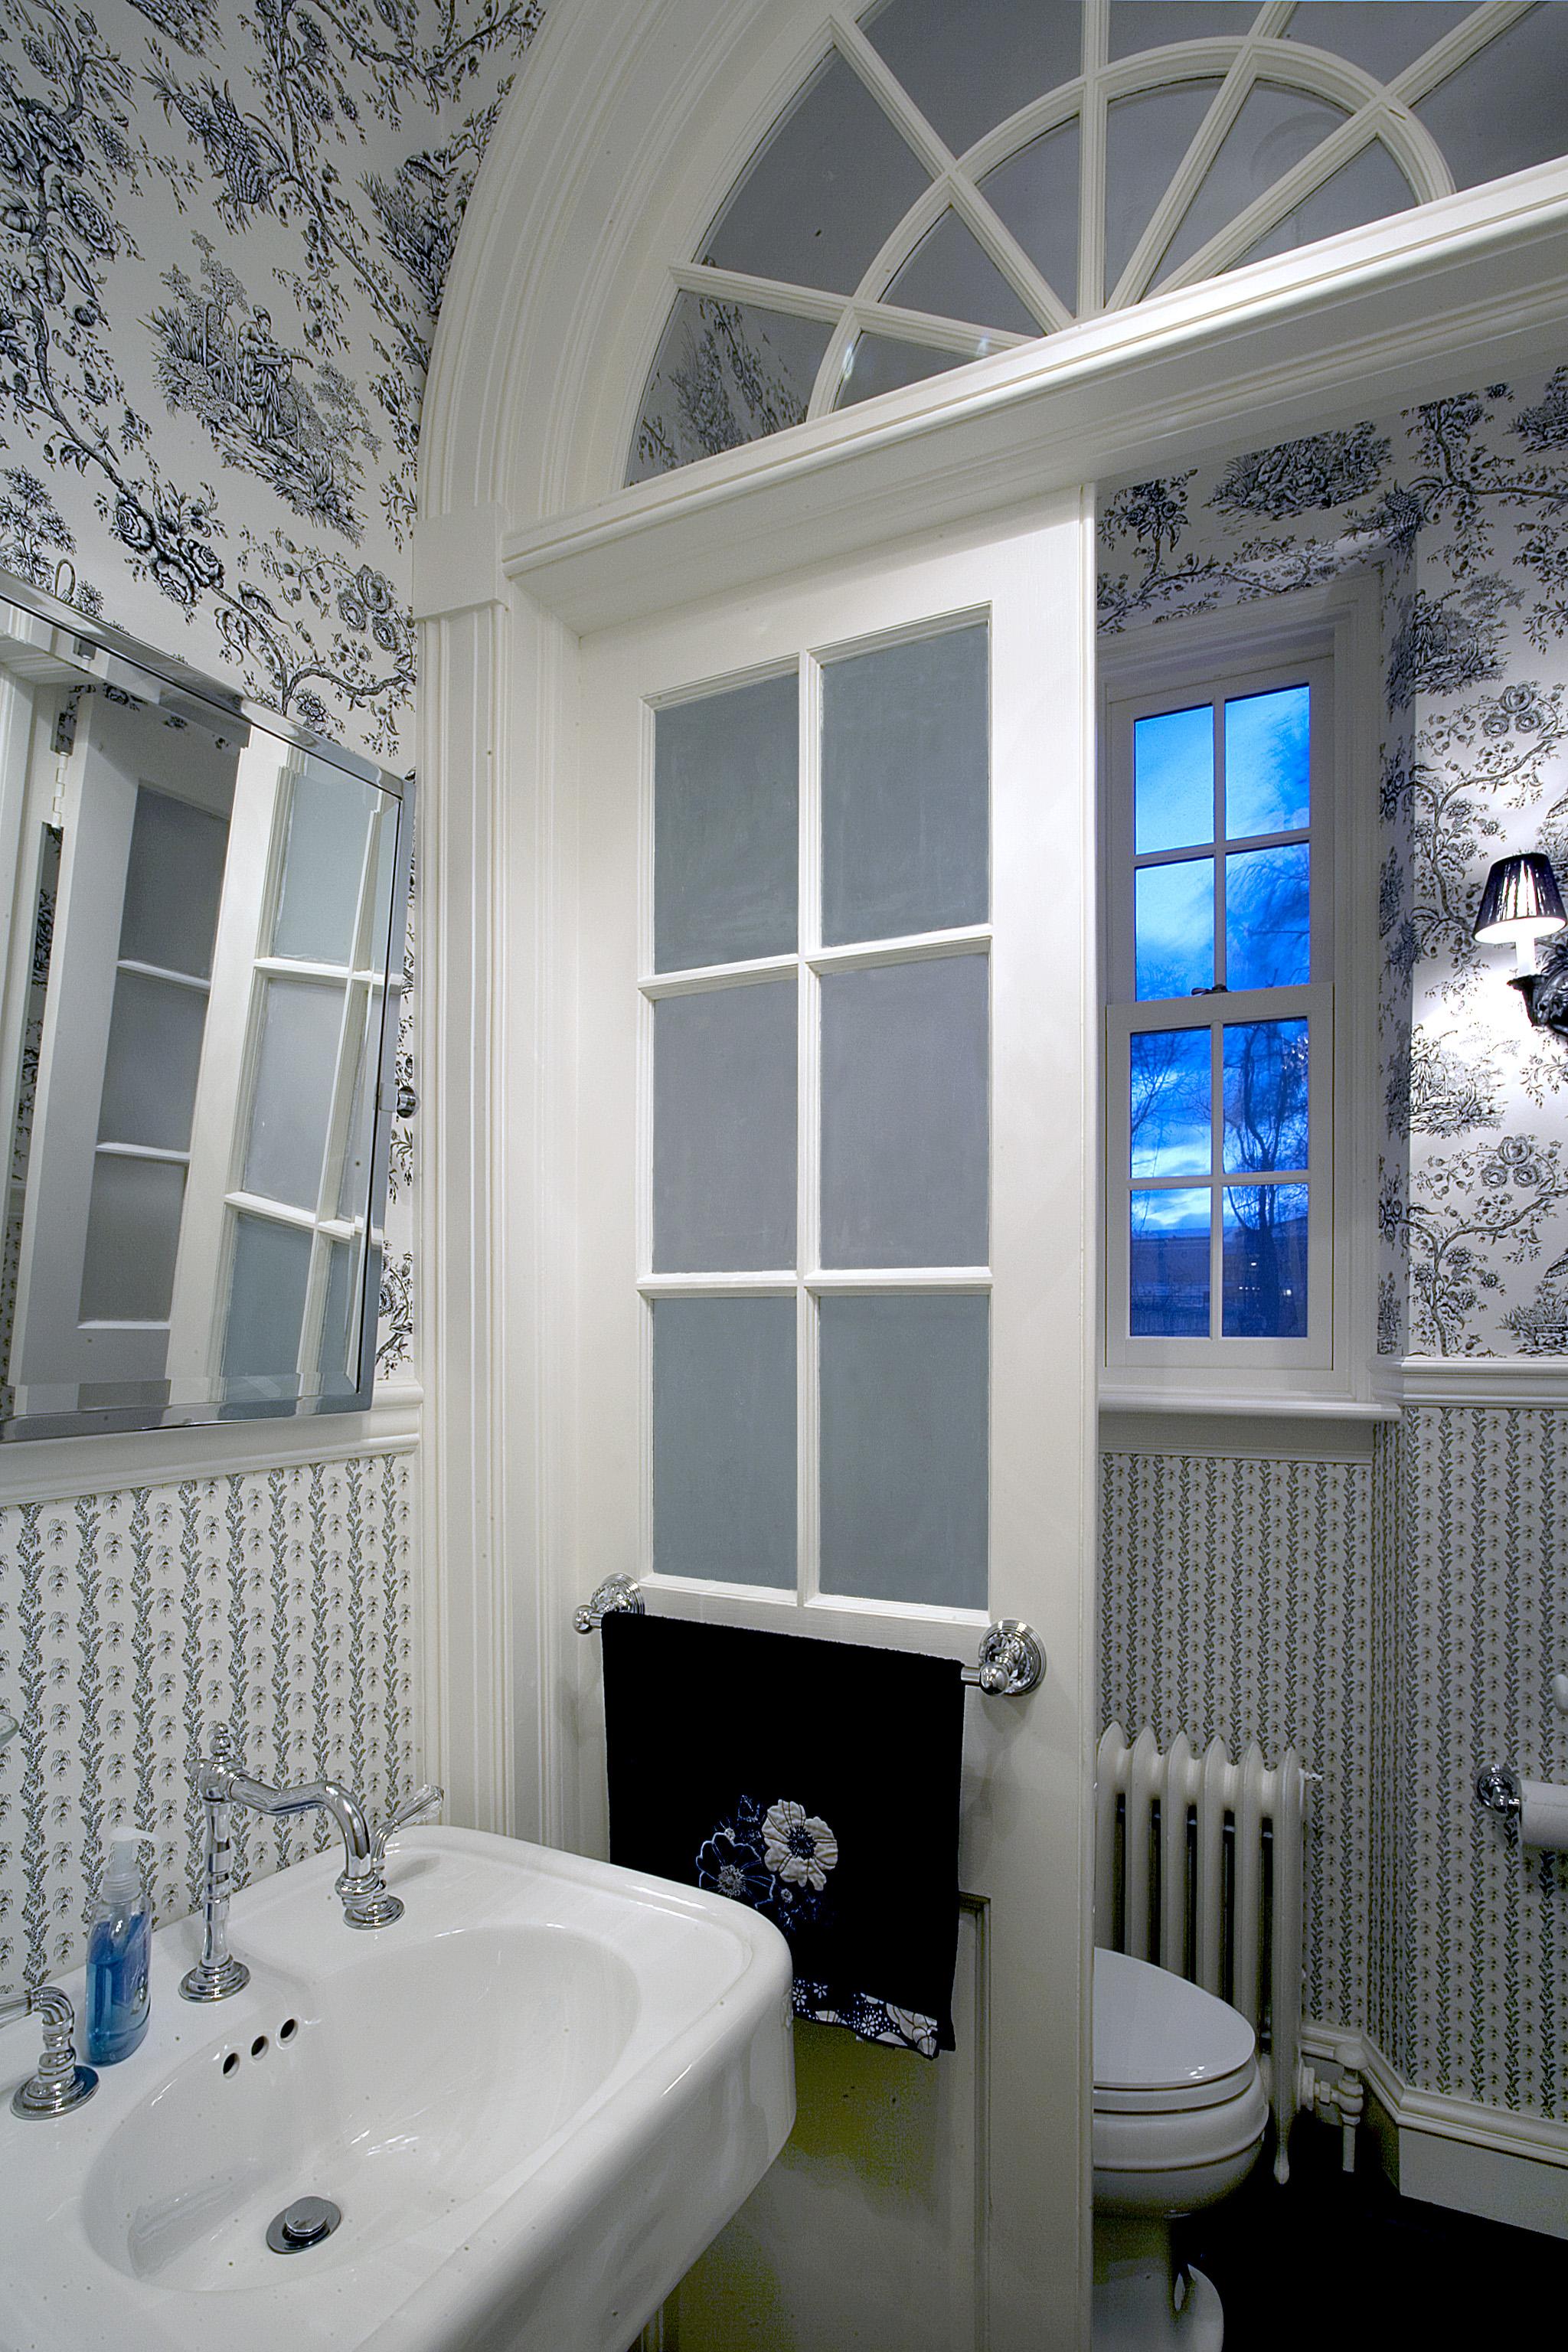 B&W Bathroom.jpg